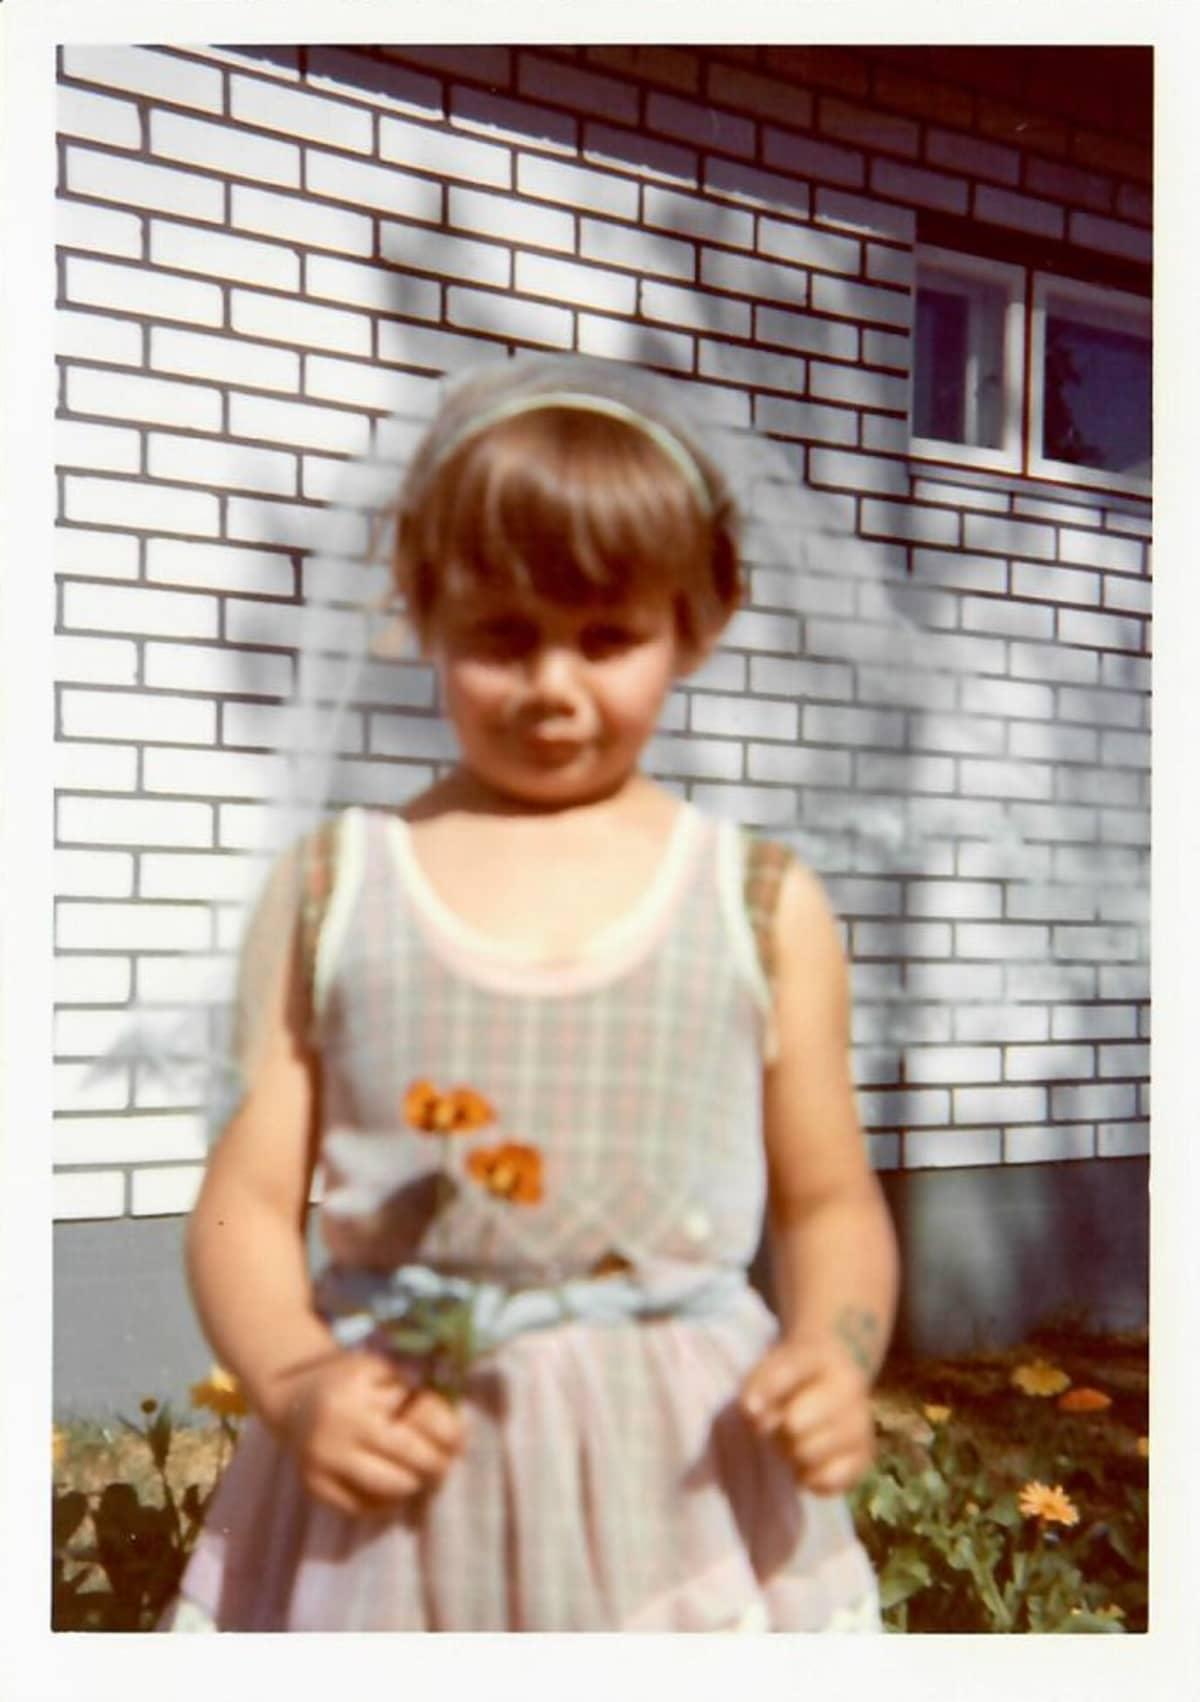 Koskikara lapsena huntu päässä ja kukkia kädessä